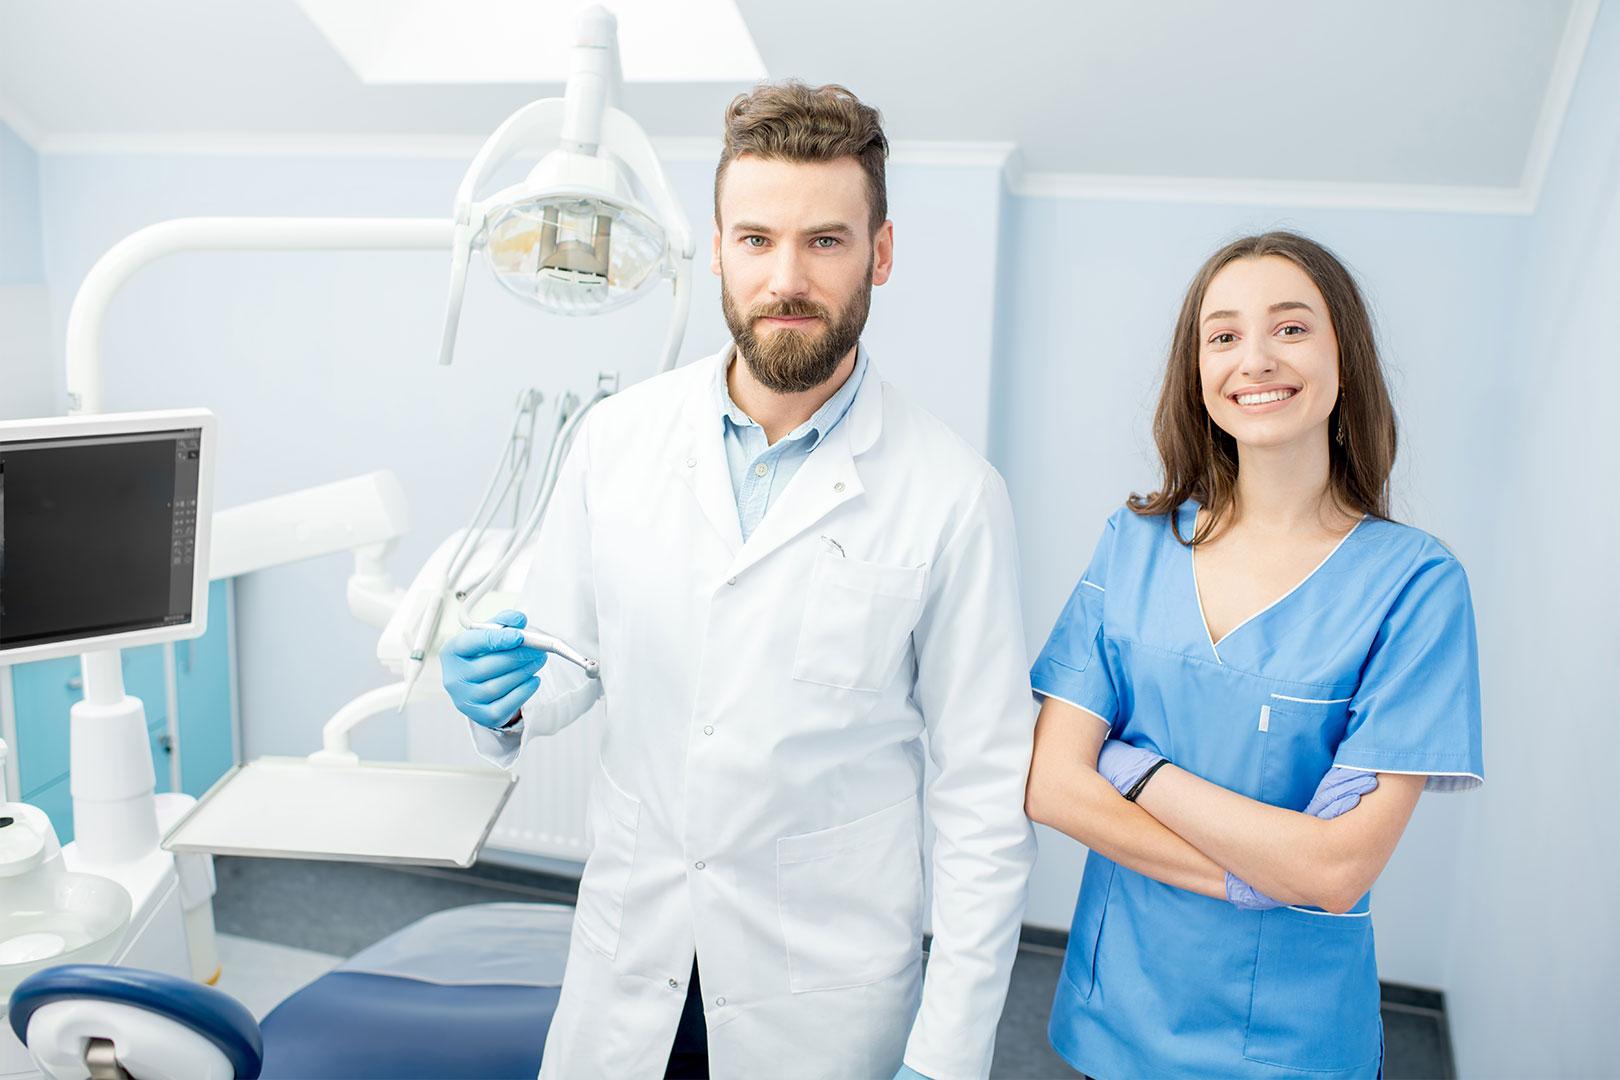 Zahnmedizinischer Assistent mit Berufserfahrung